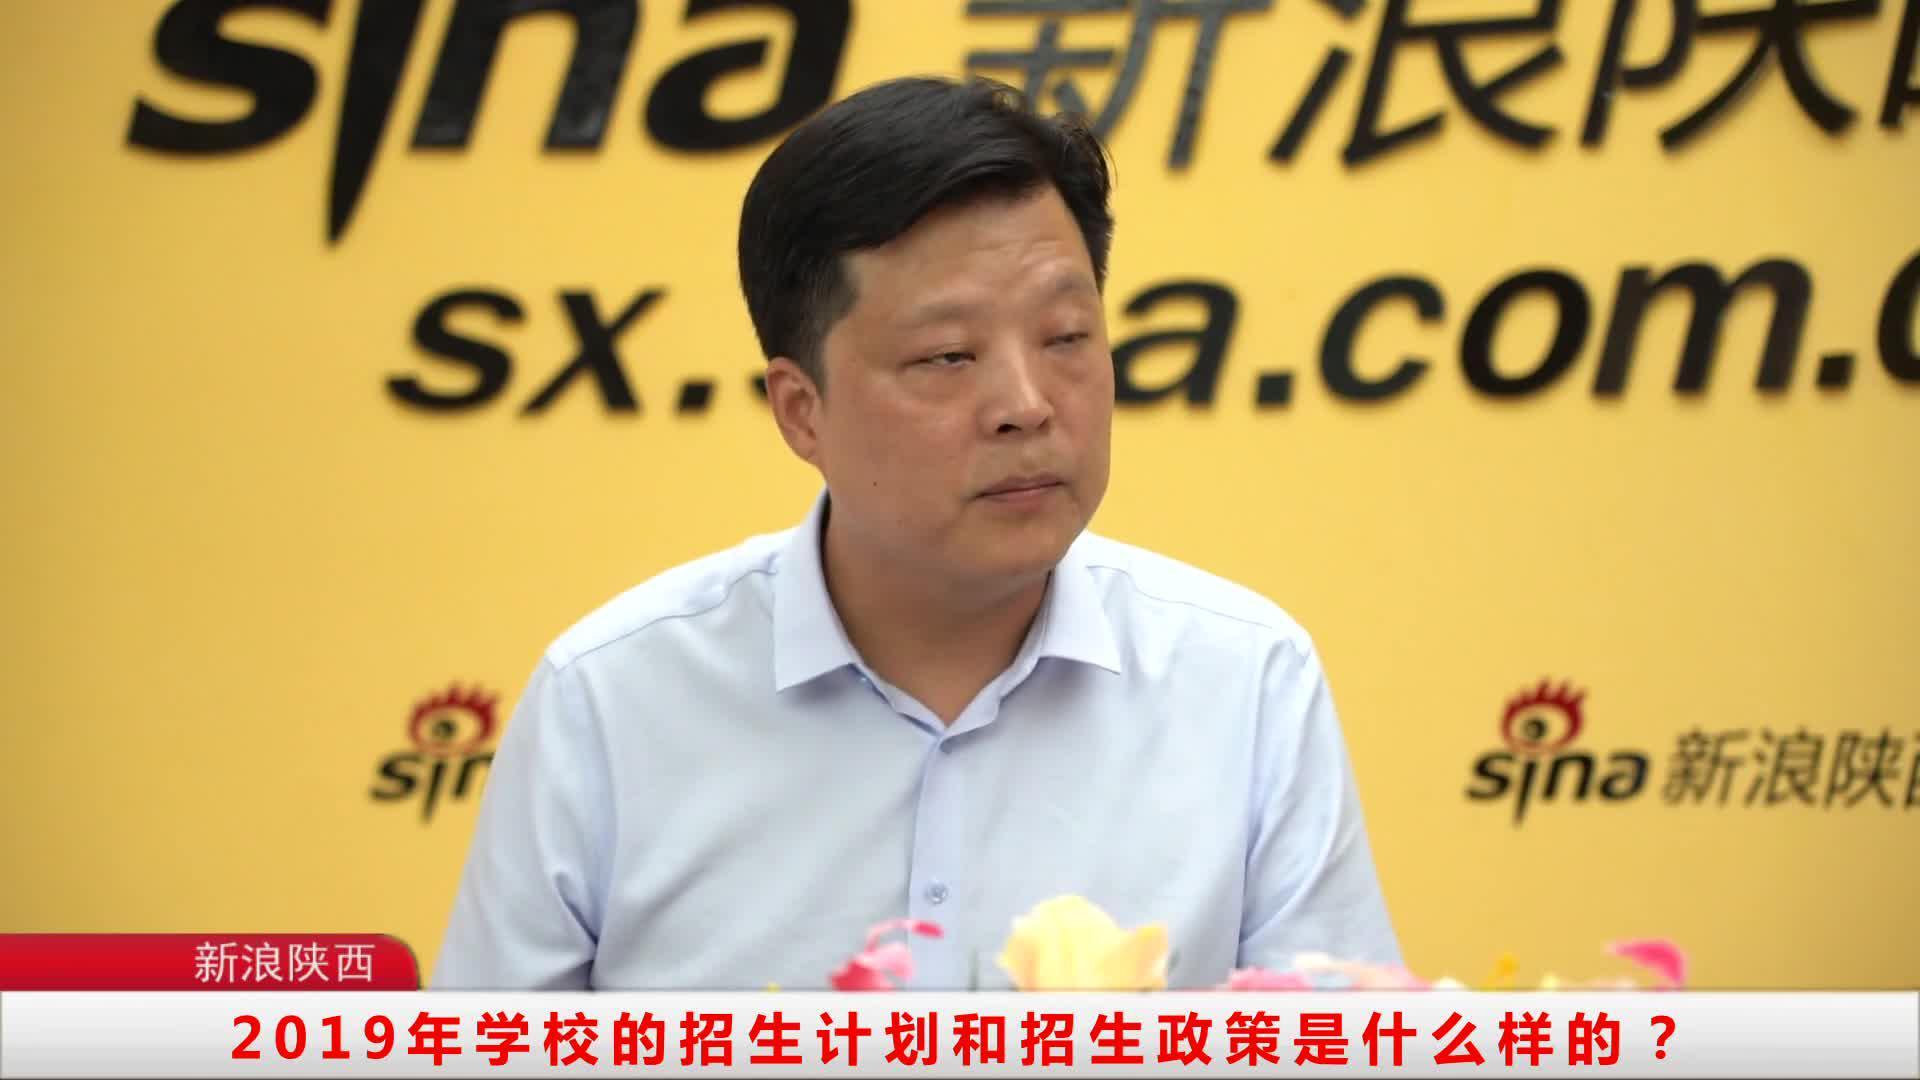 新浪陕西专访陕西工业职业技术学院 王涛 白政国